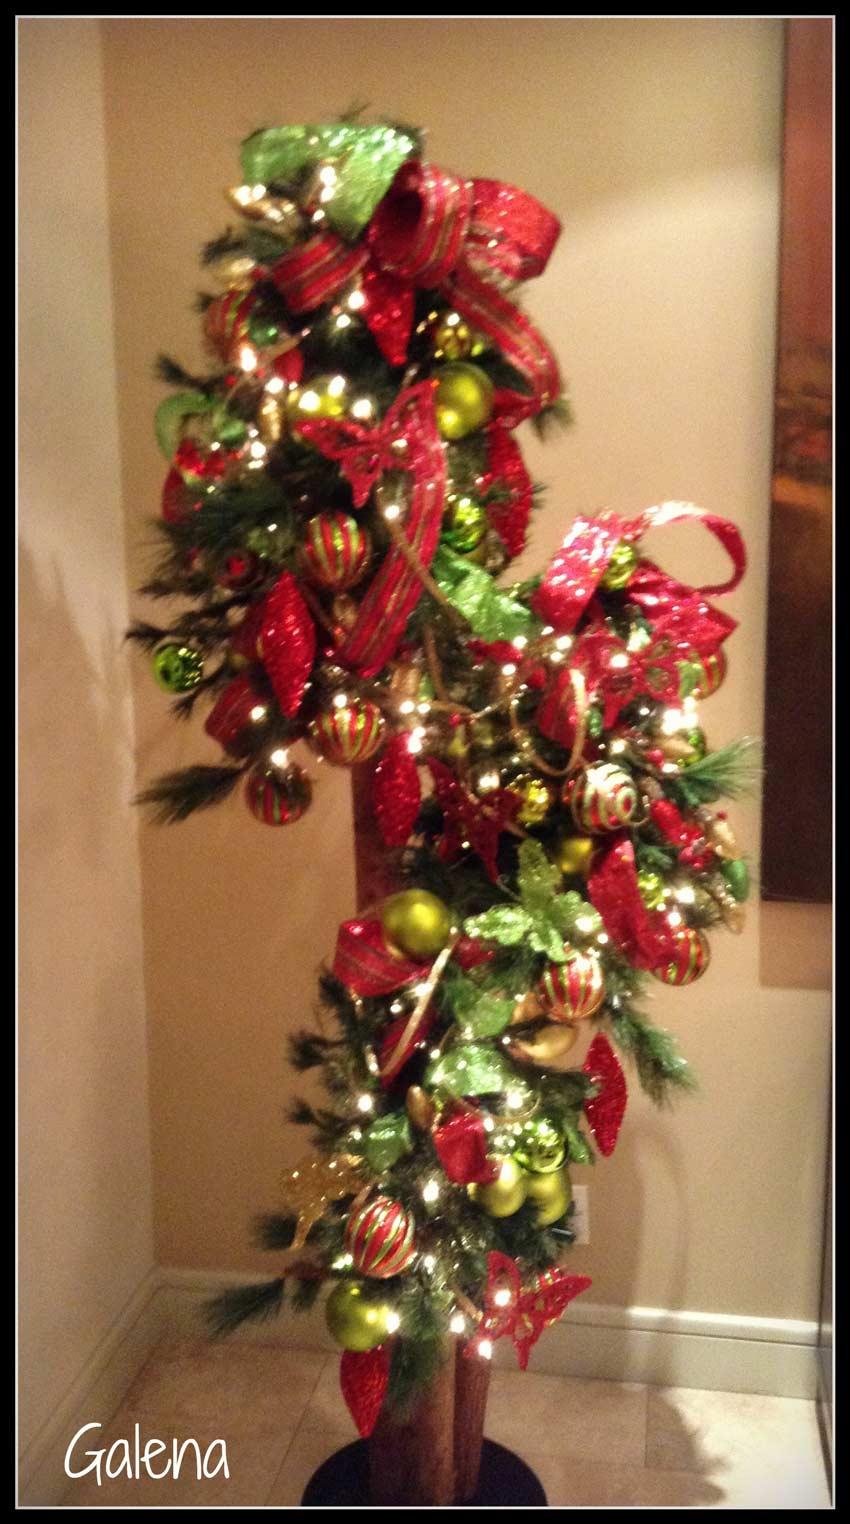 Decoraci n de navidad rojo con verde ana galena - Decoracion de arboles navidenos ...